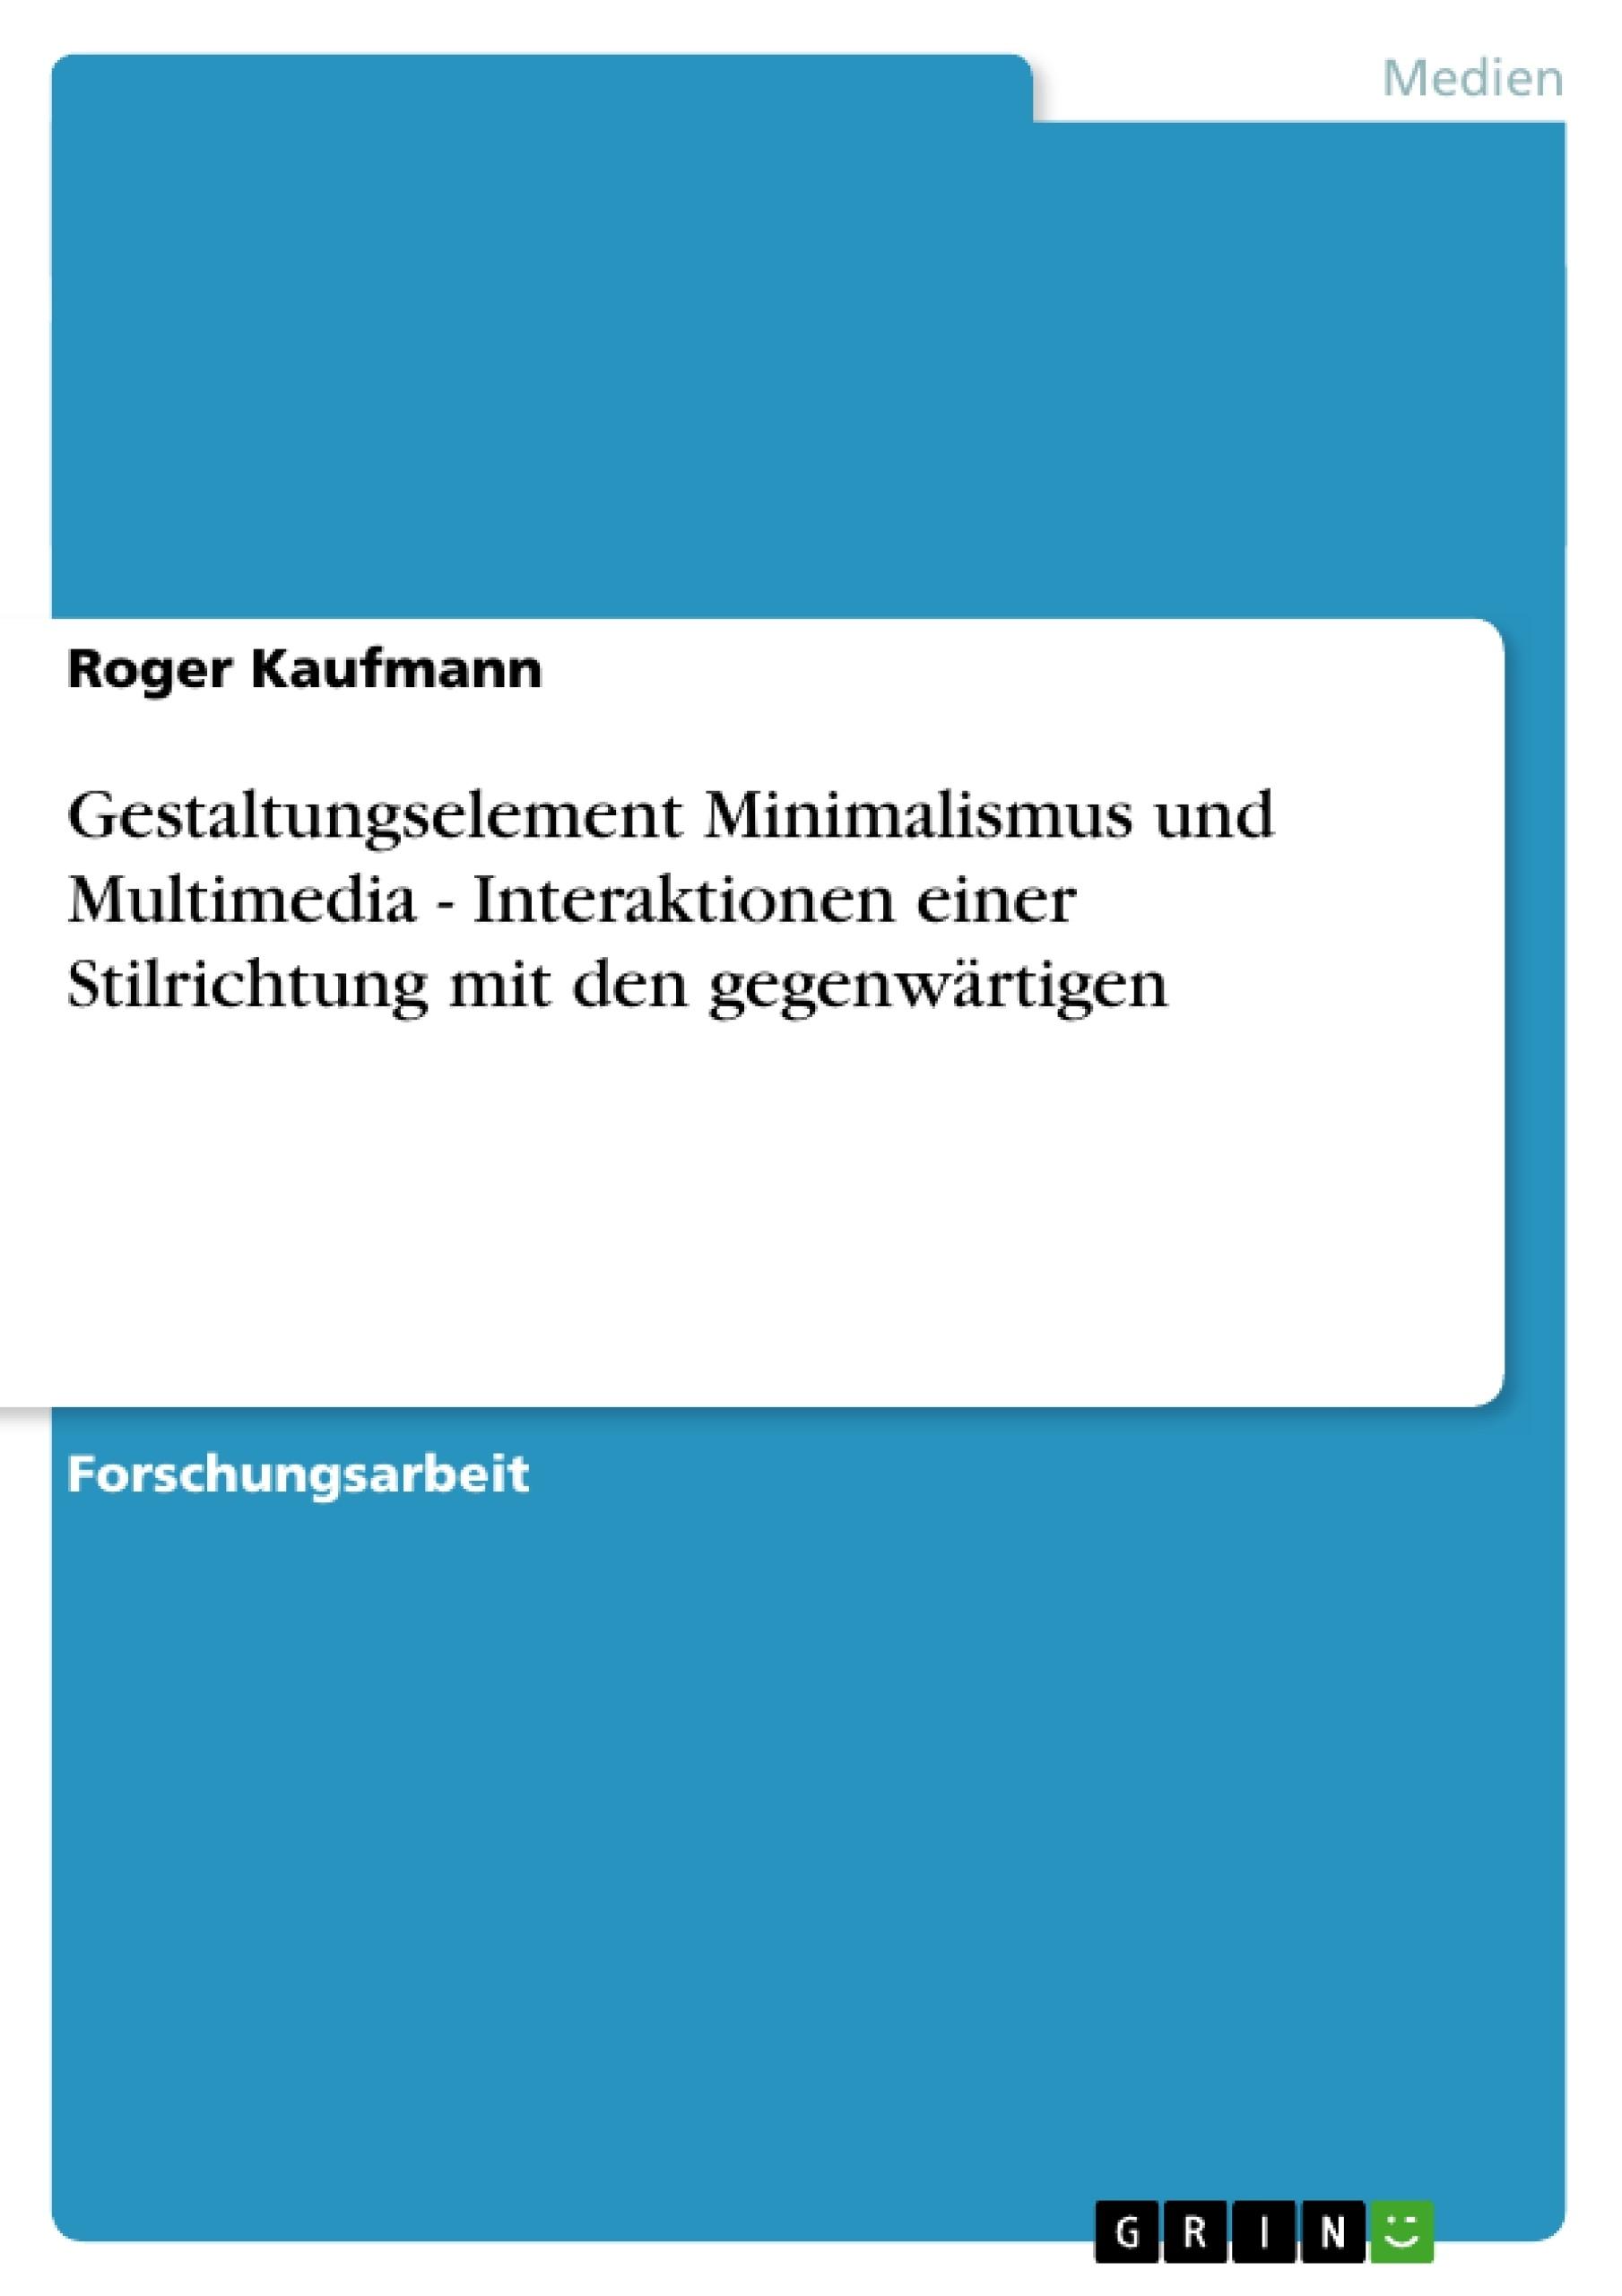 Titel: Gestaltungselement Minimalismus und Multimedia - Interaktionen einer Stilrichtung mit den gegenwärtigen